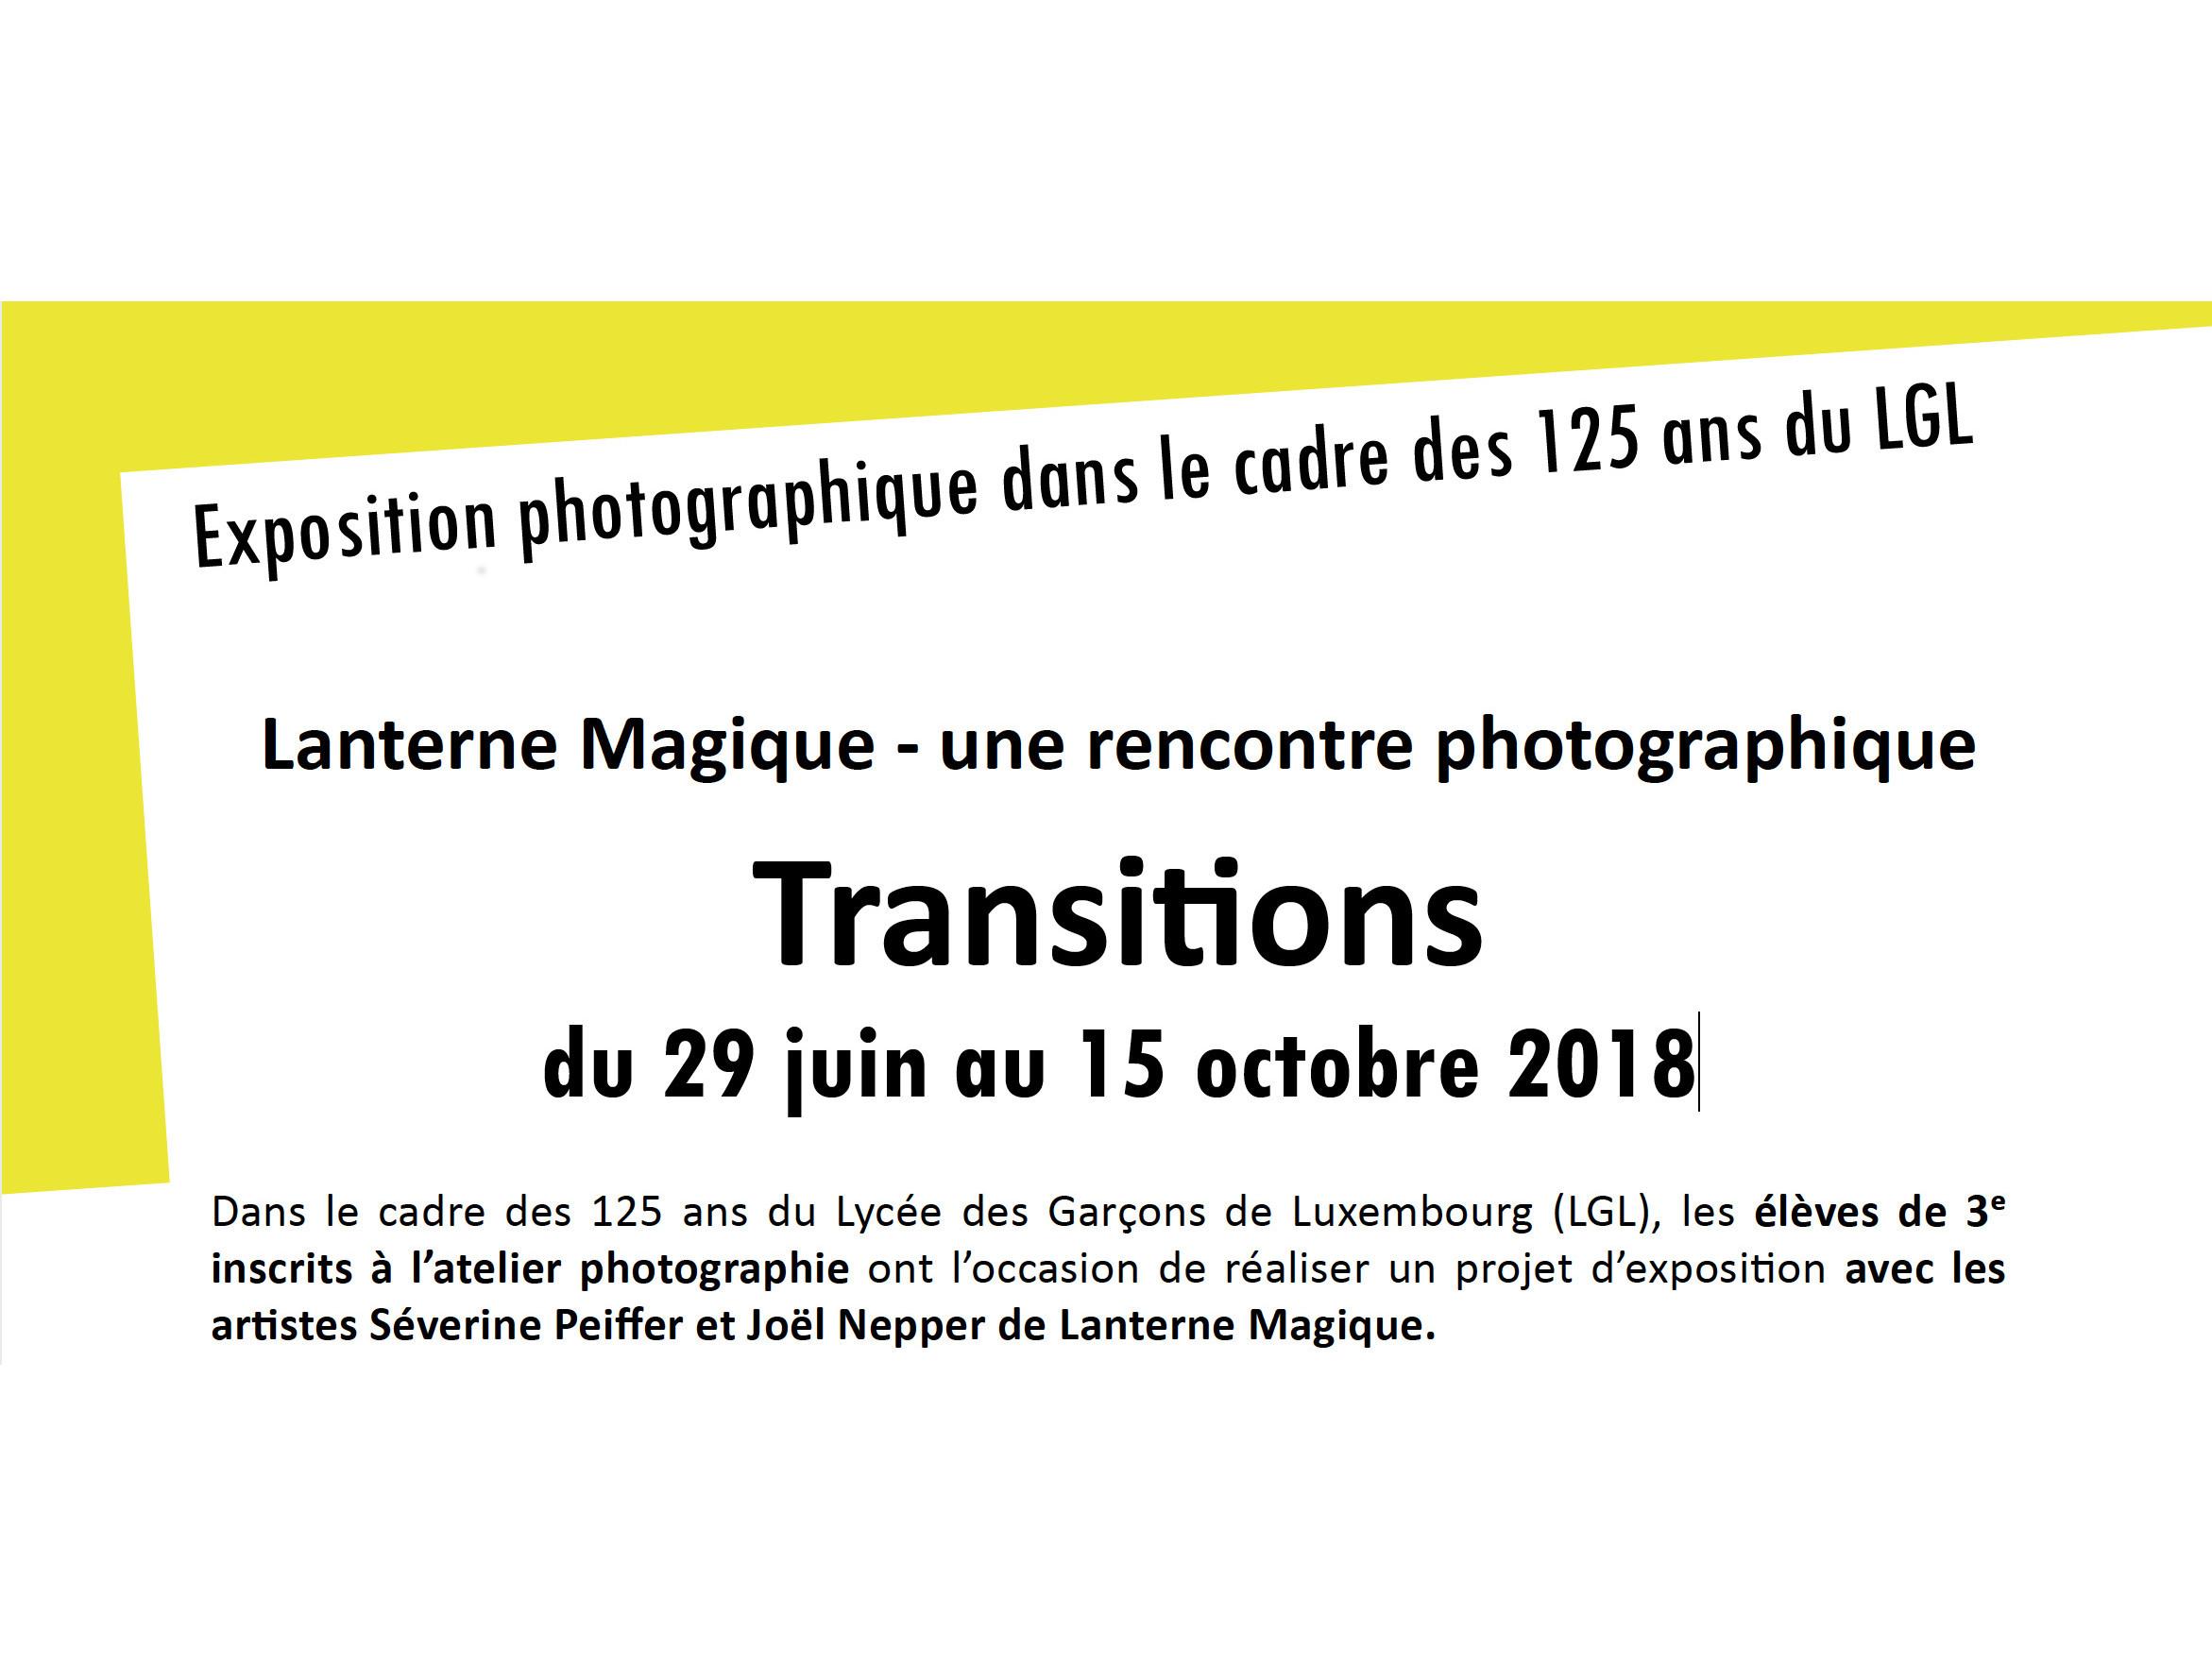 Exposition photographique du 29 juin au 15 octobre 2018